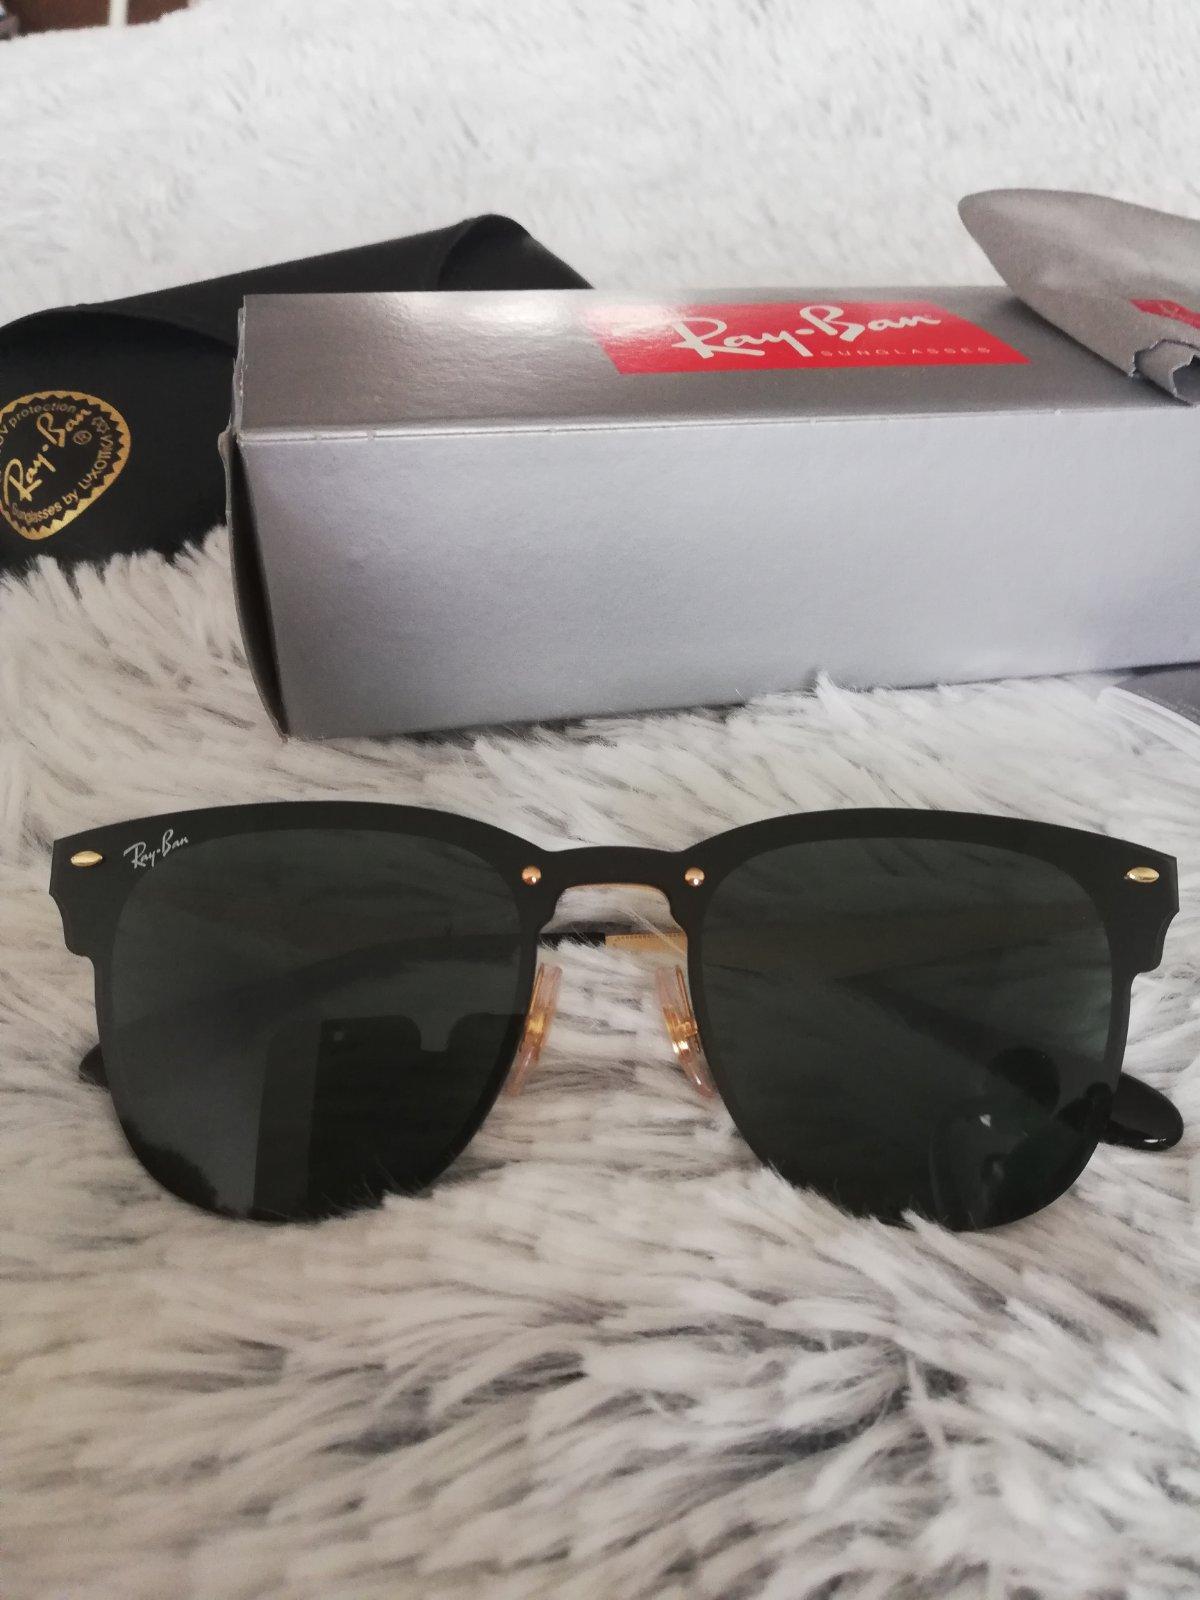 d84c42188 Slnečné okuliare ray ban blaze clubmaster, - 93 € od predávajúcej ...